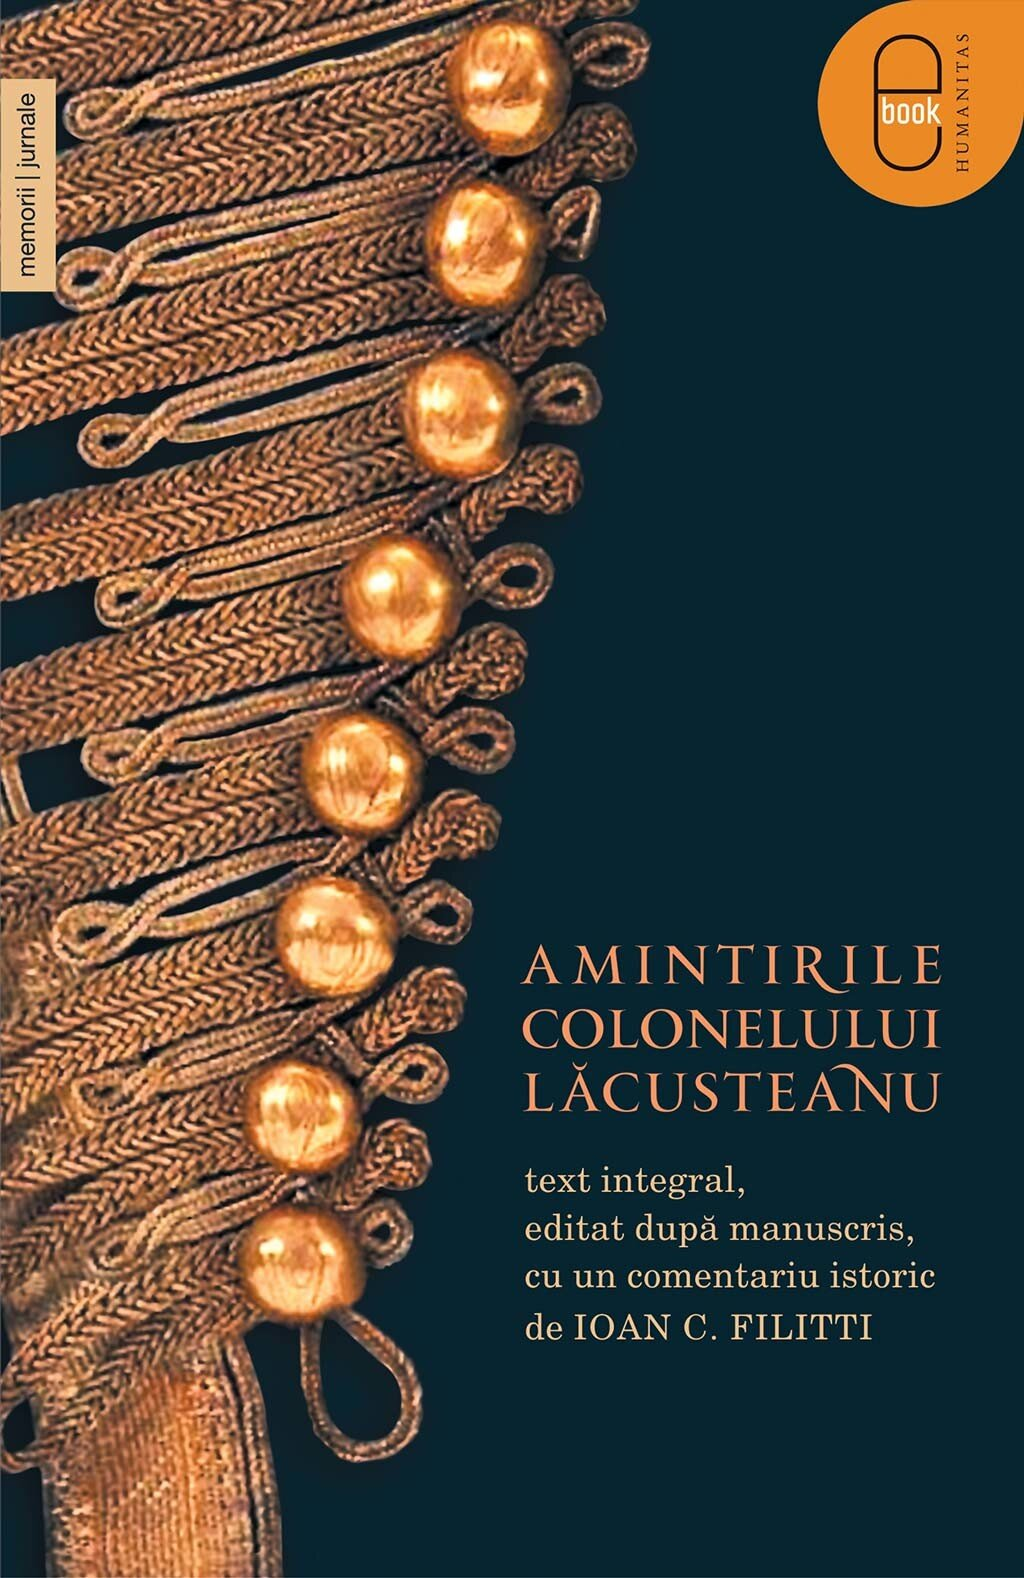 Amintirile colonelului Lacusteanu. Text integral, editat dupa manuscris, cu un comentariu istoric de Ioan C. Filitti (eBook)